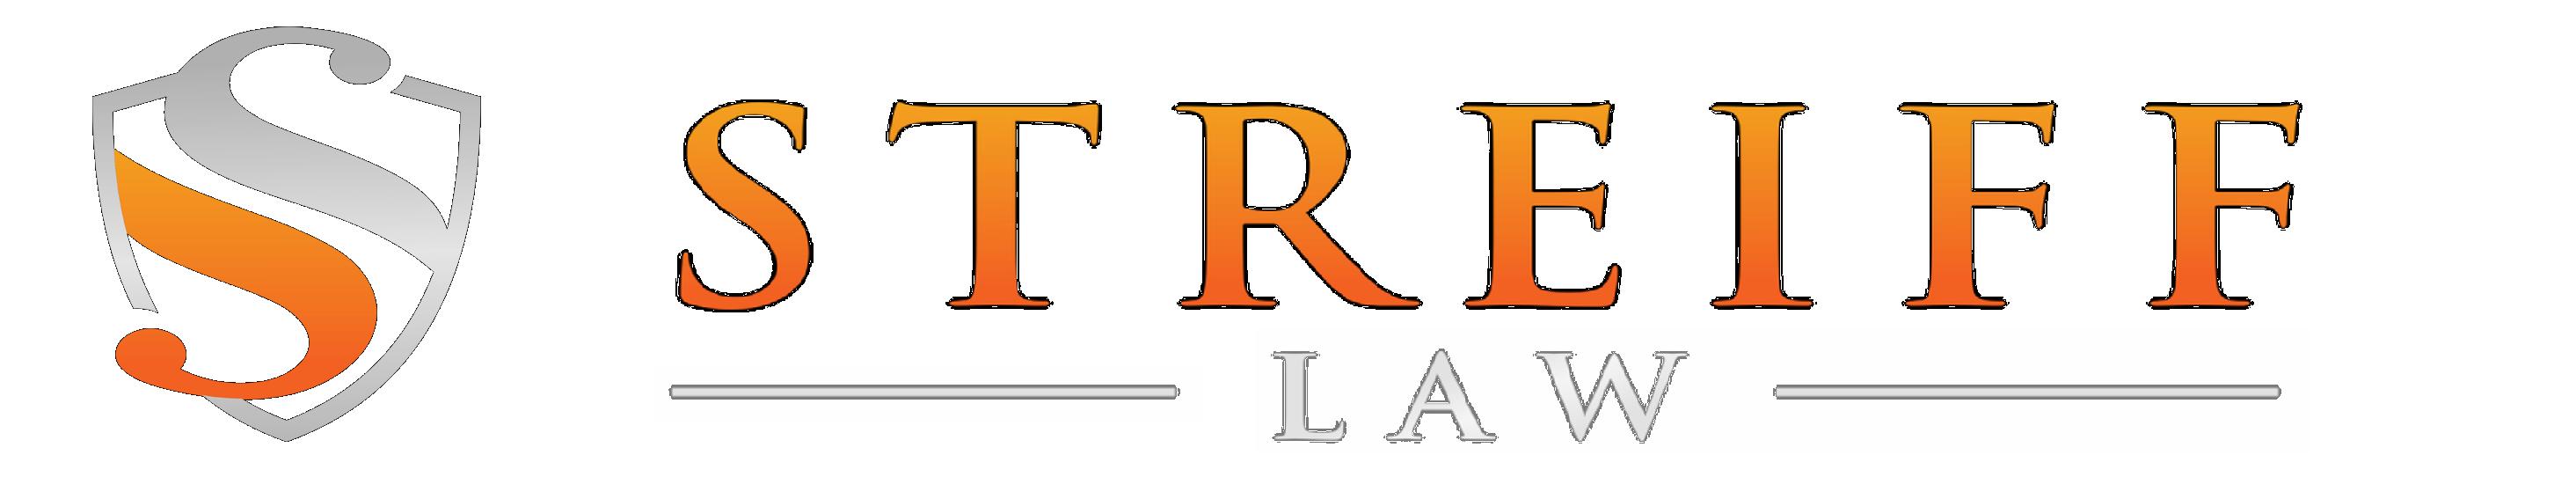 Streiff Law seitliches logo